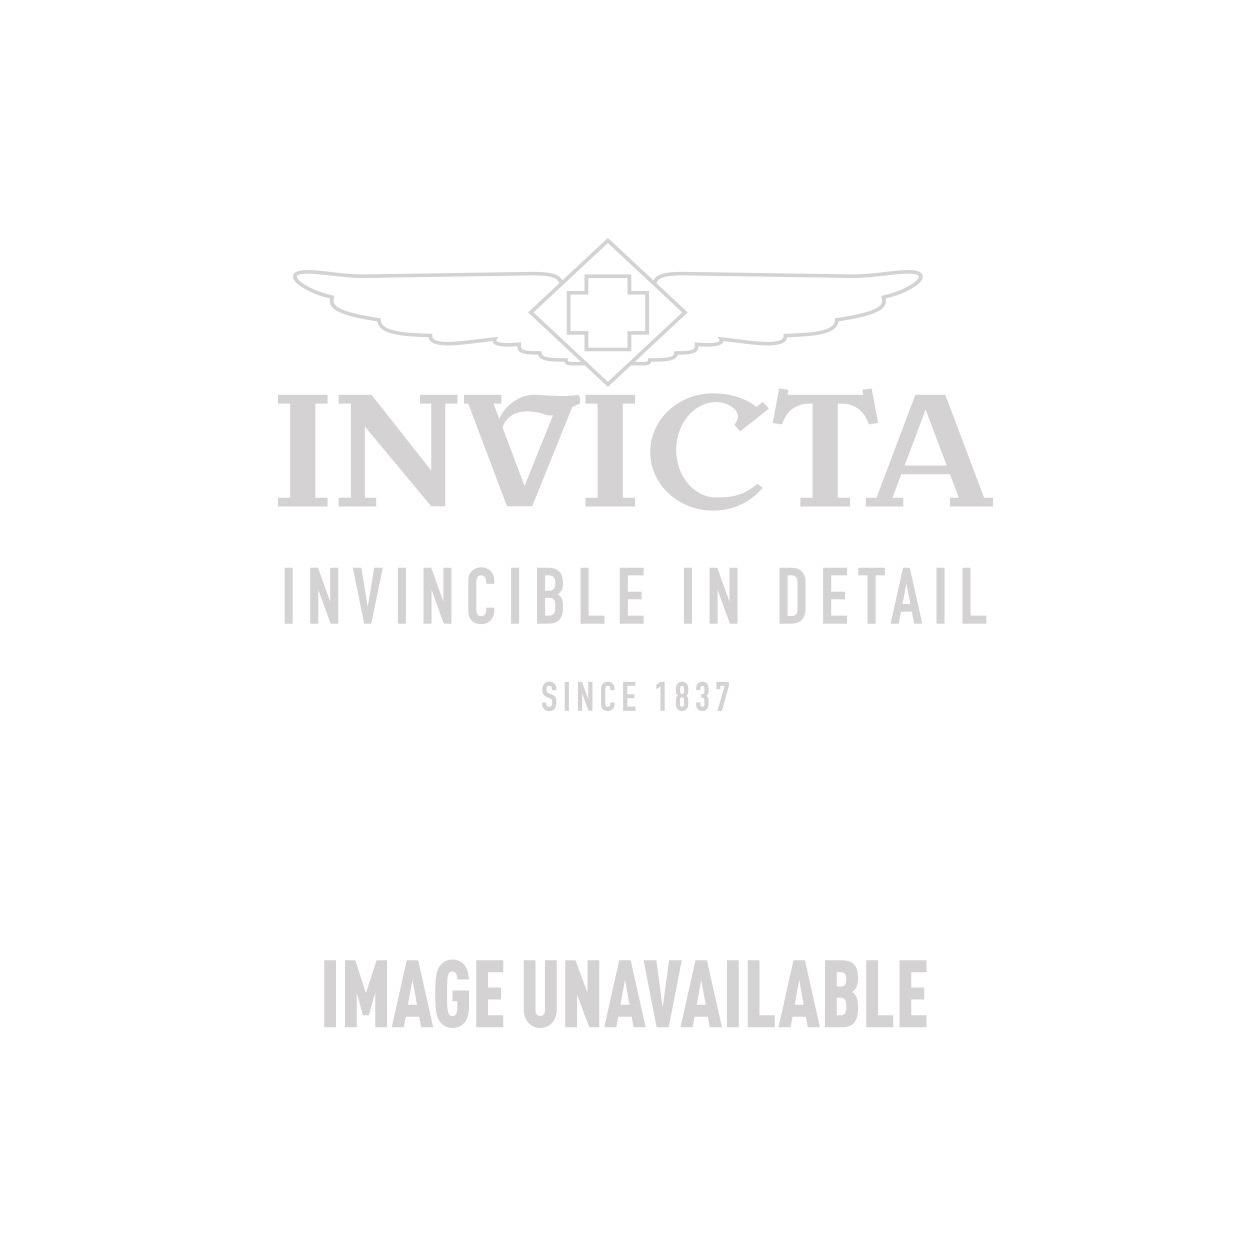 Invicta Model 27663